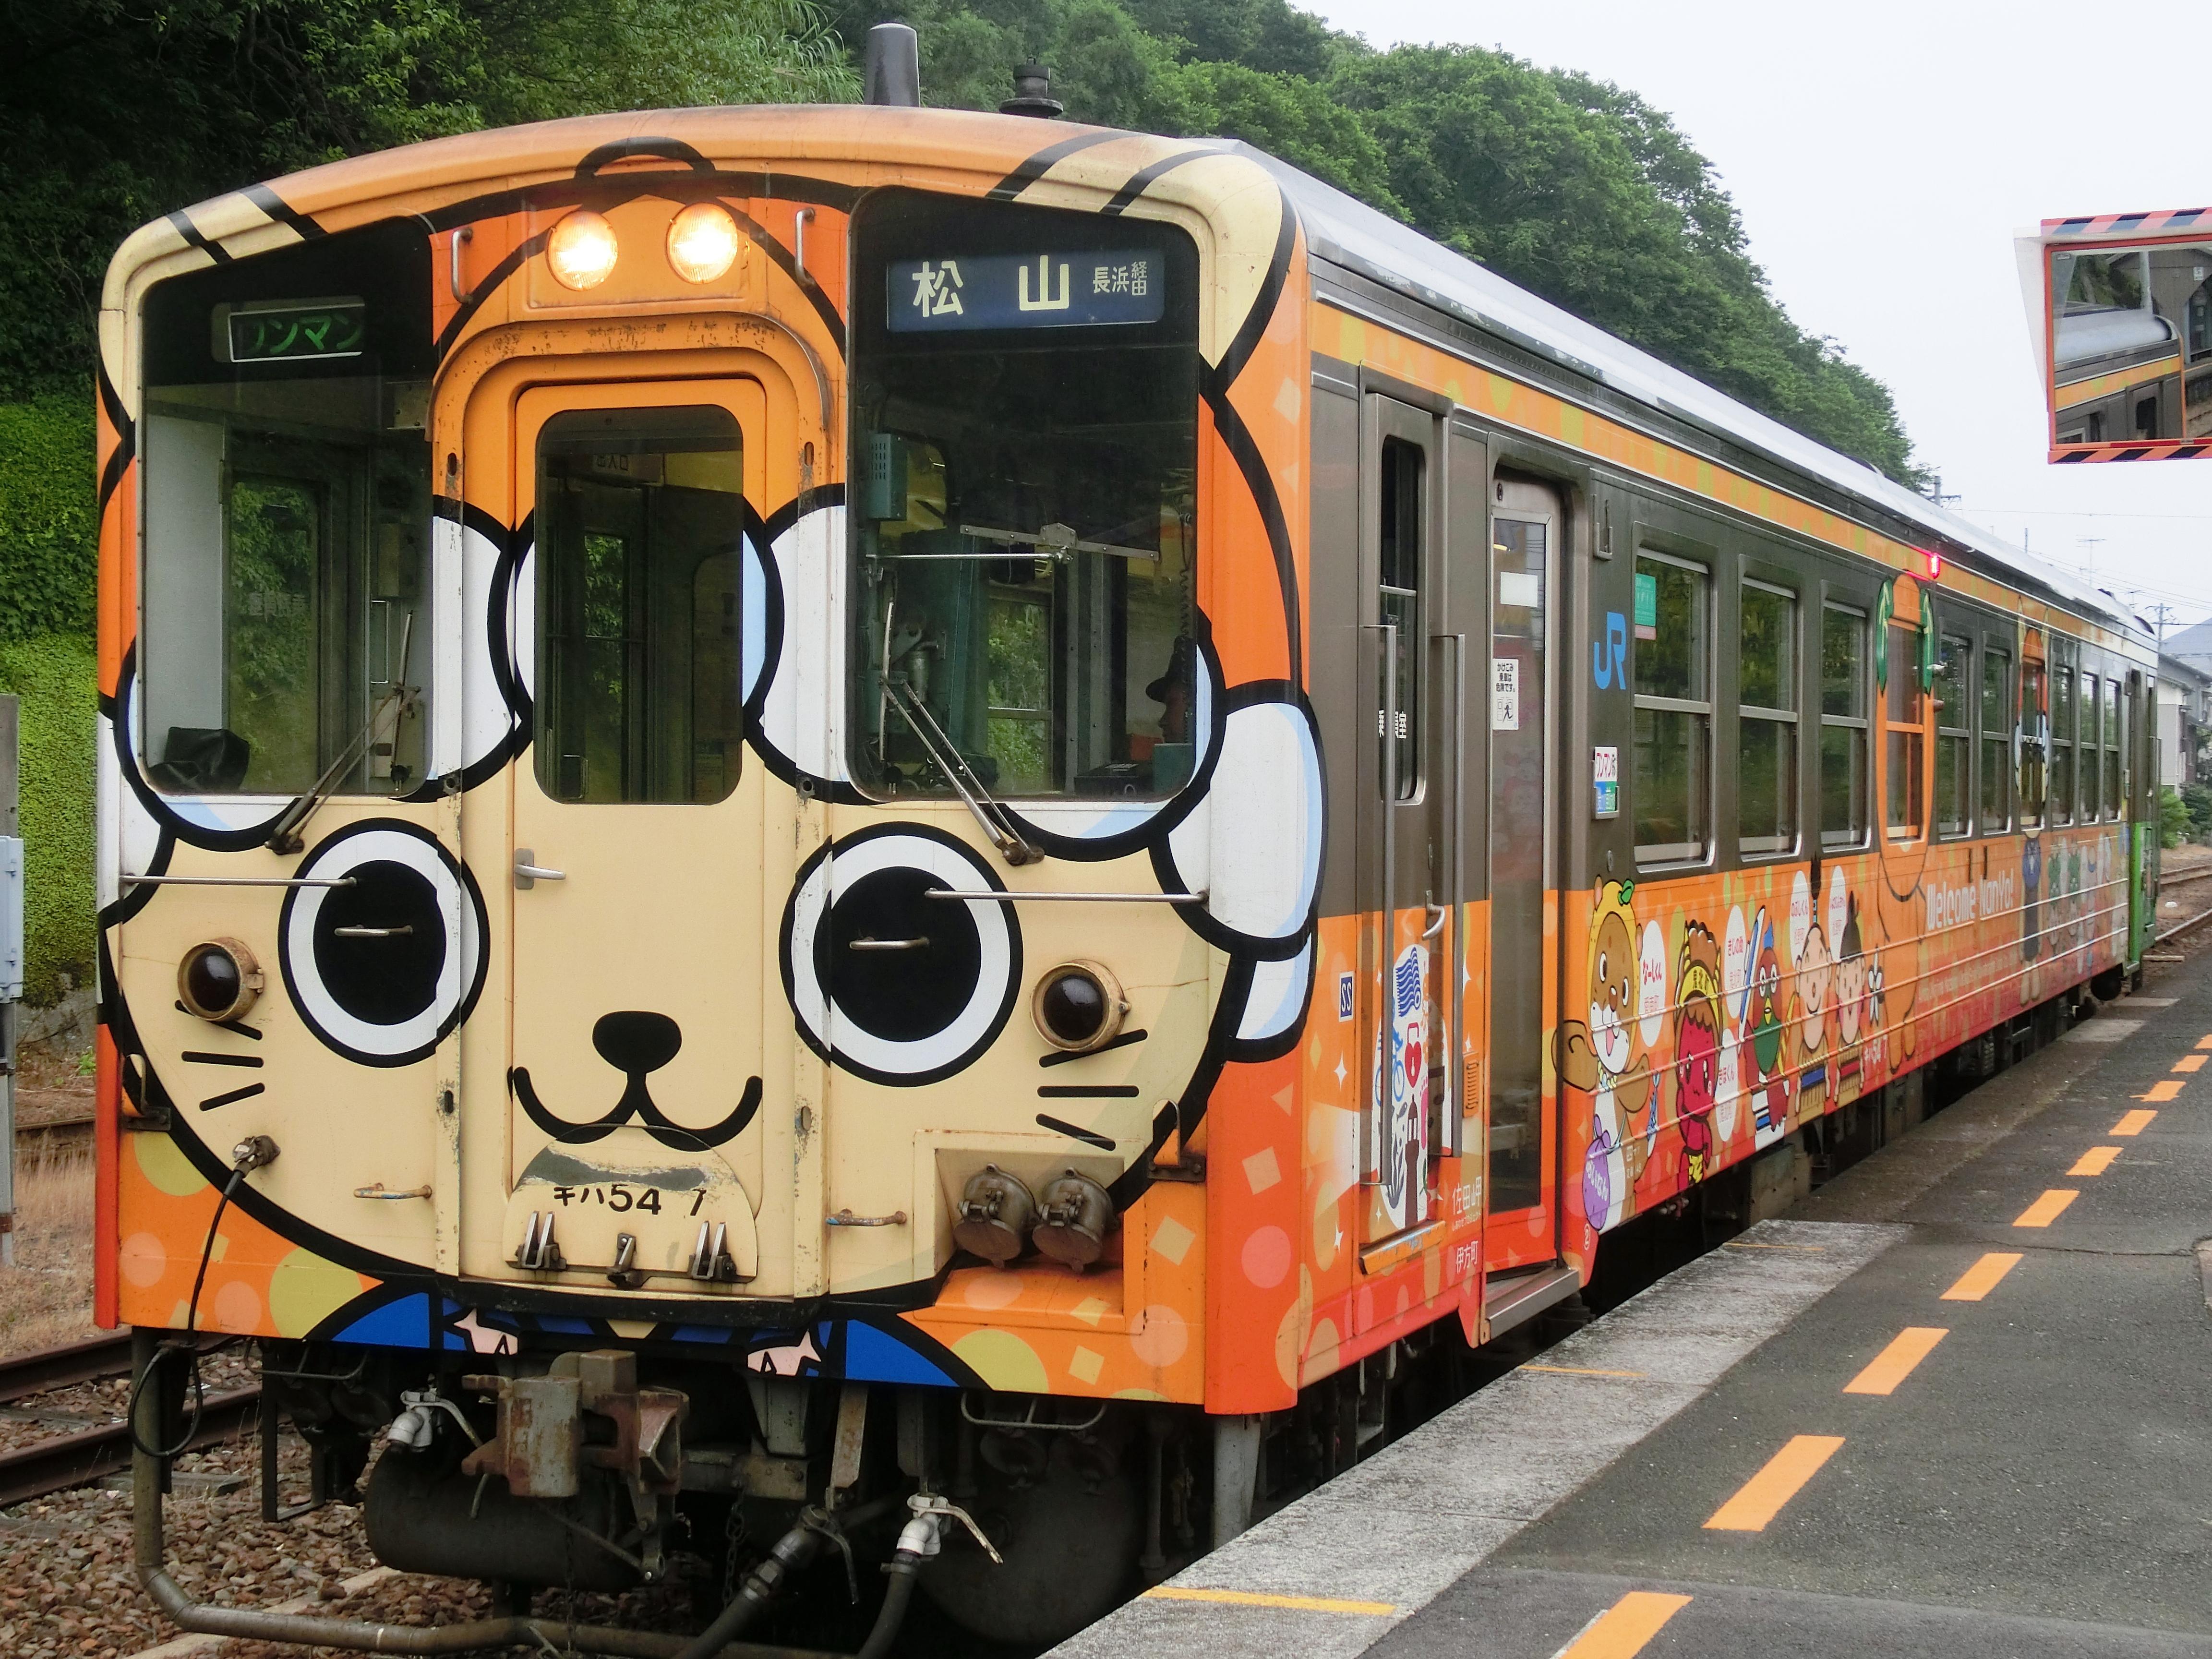 線路を走るゆるキャラ!?JR四国の汽車「おさんぽなんよ」に乗車してきました!